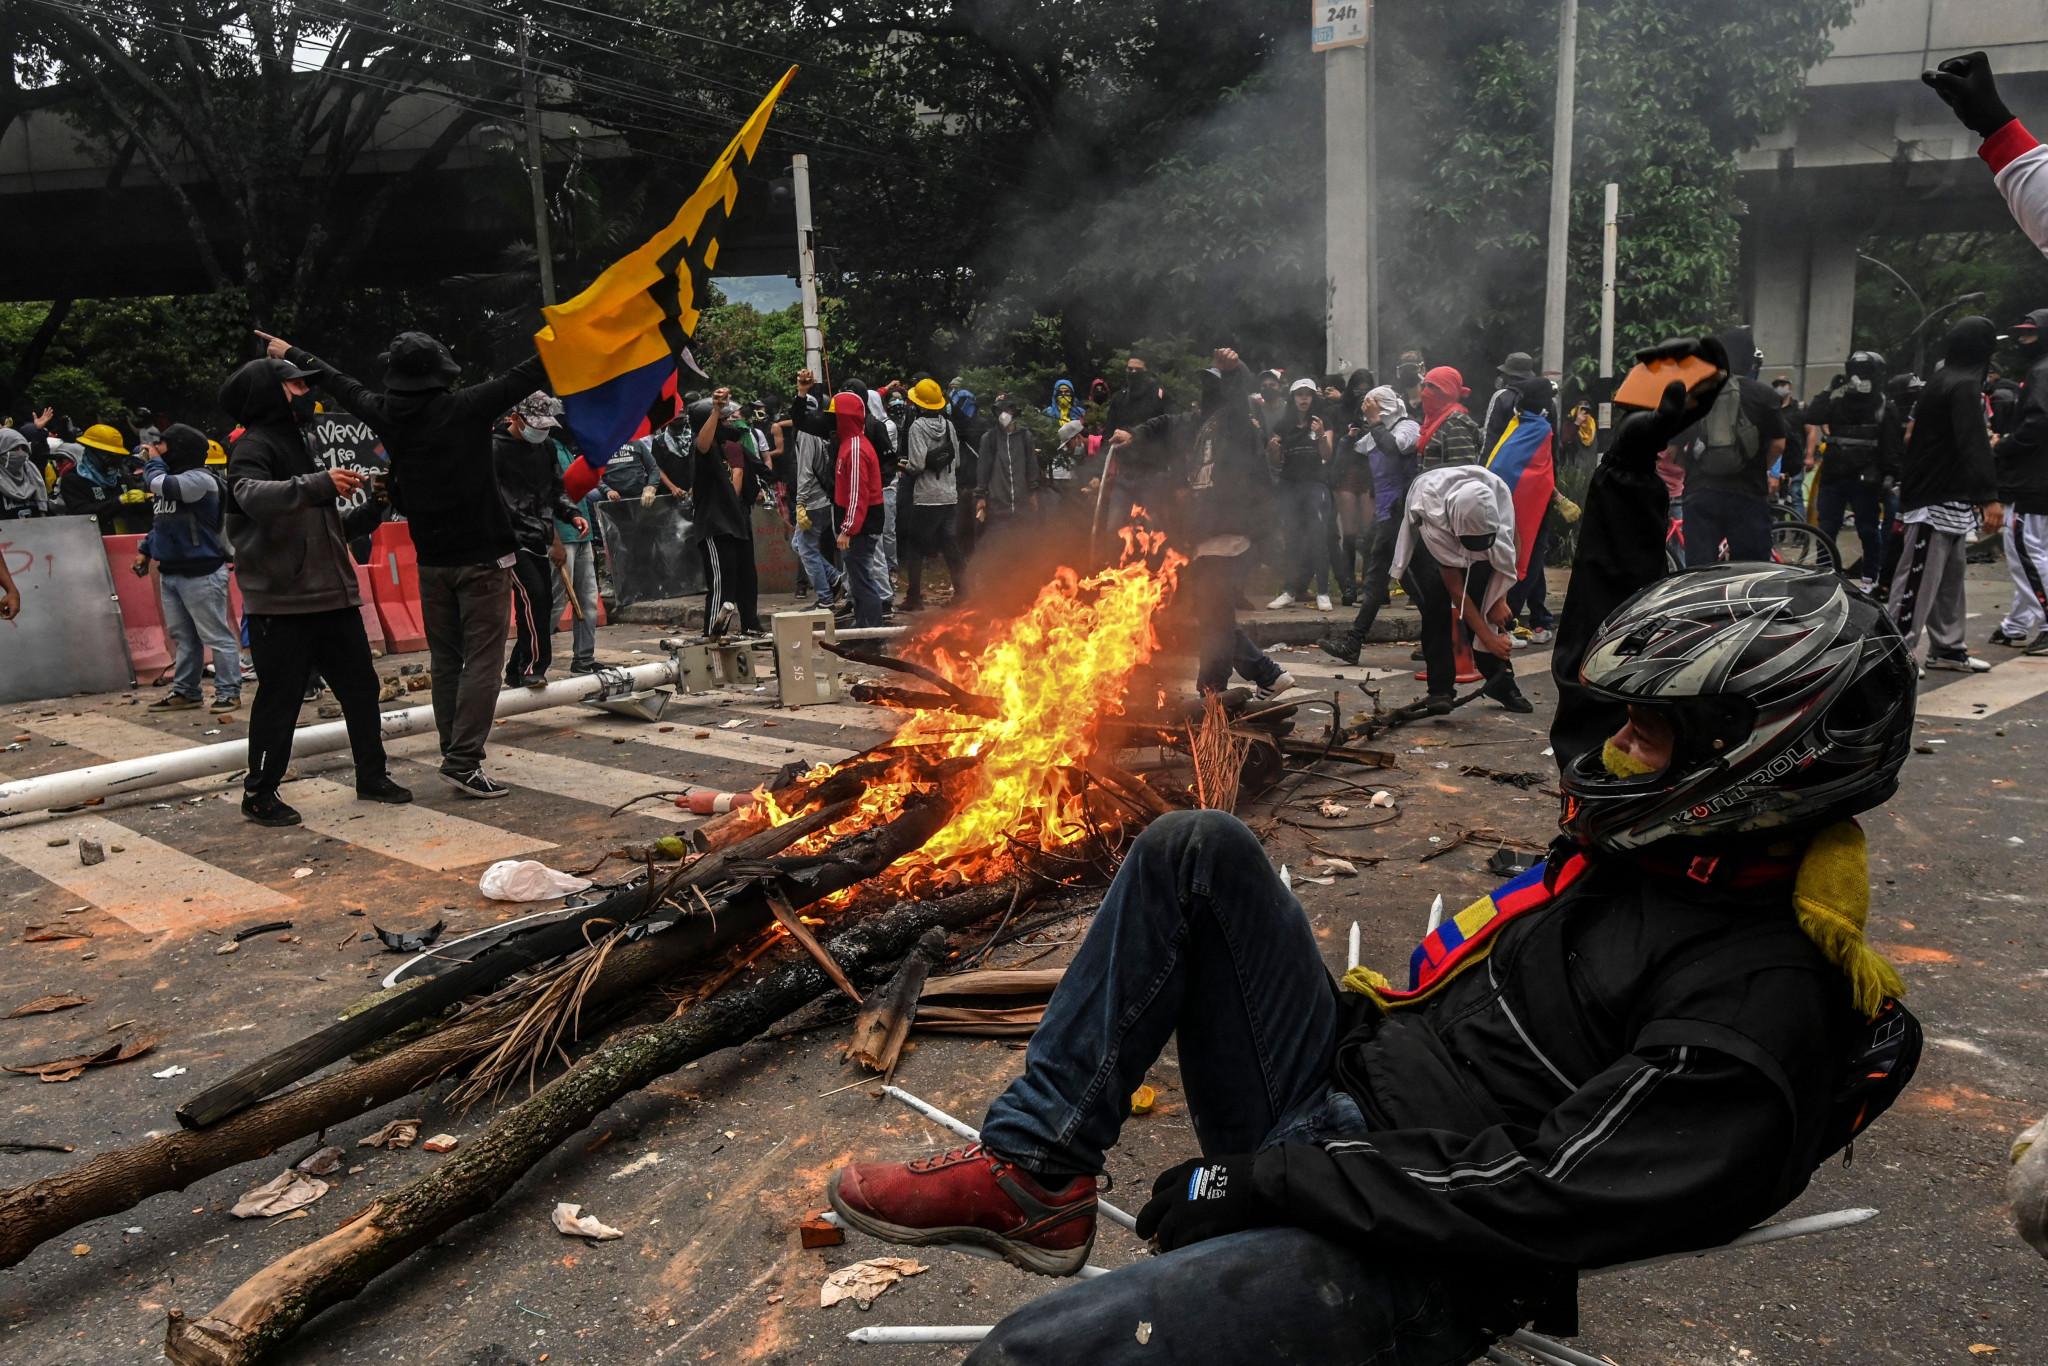 Cali continúa con disturbios civiles a menos de seis meses de los Juegos